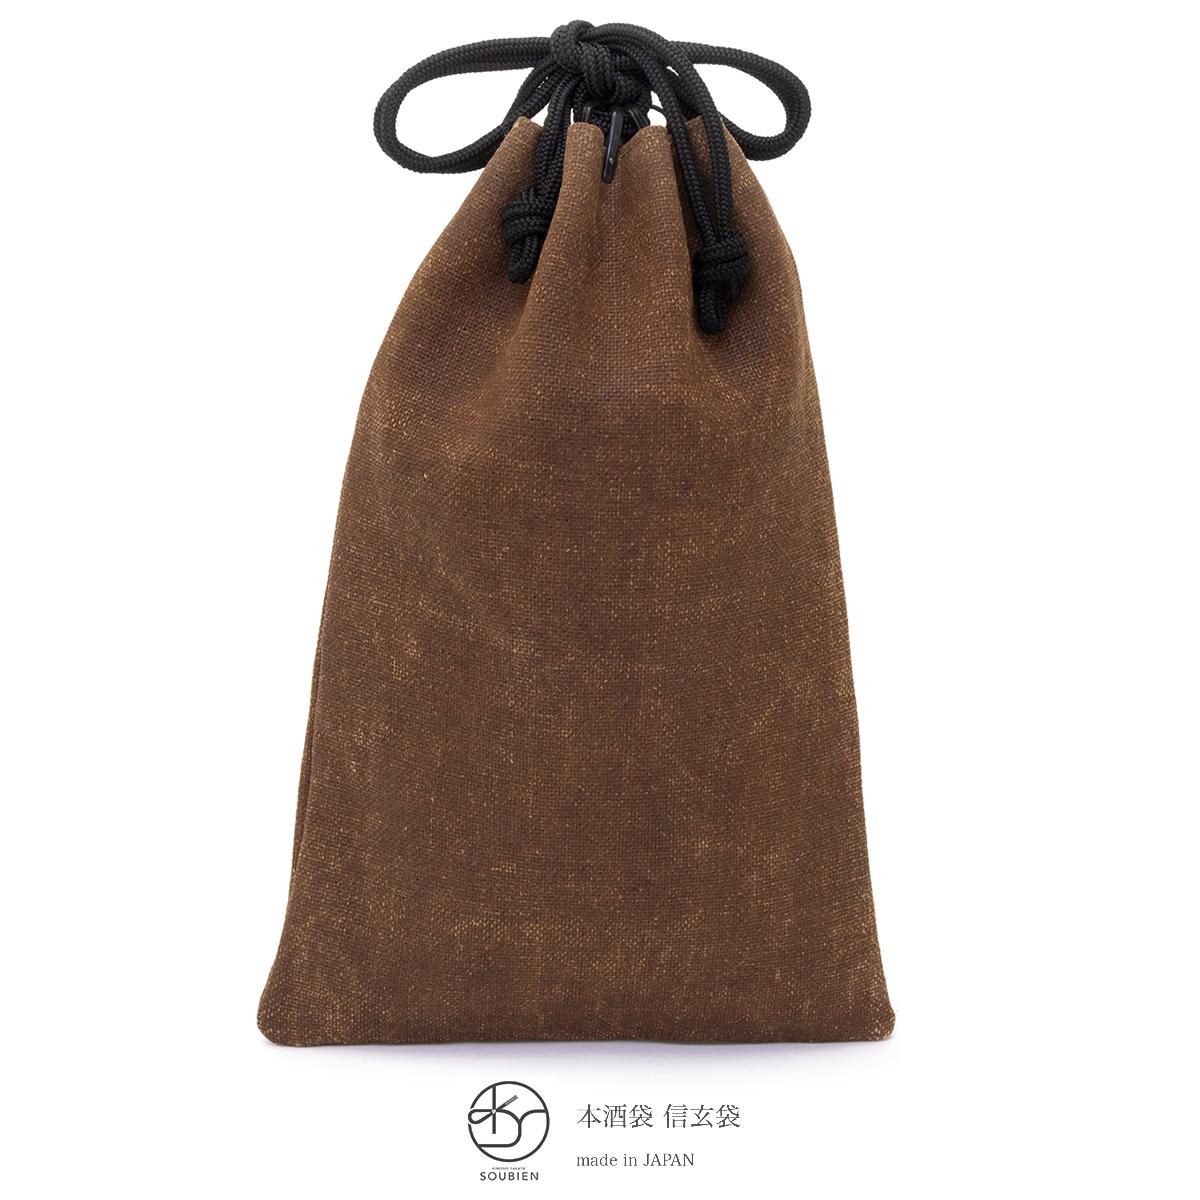 信玄袋  茶色 ブラウン 本酒袋 オールシーズン 日本製 巾着  きんちゃくバッグ タバコ入れ メンズ 男物 浴衣向け 着物向け 【送料無料】【あす楽対応】